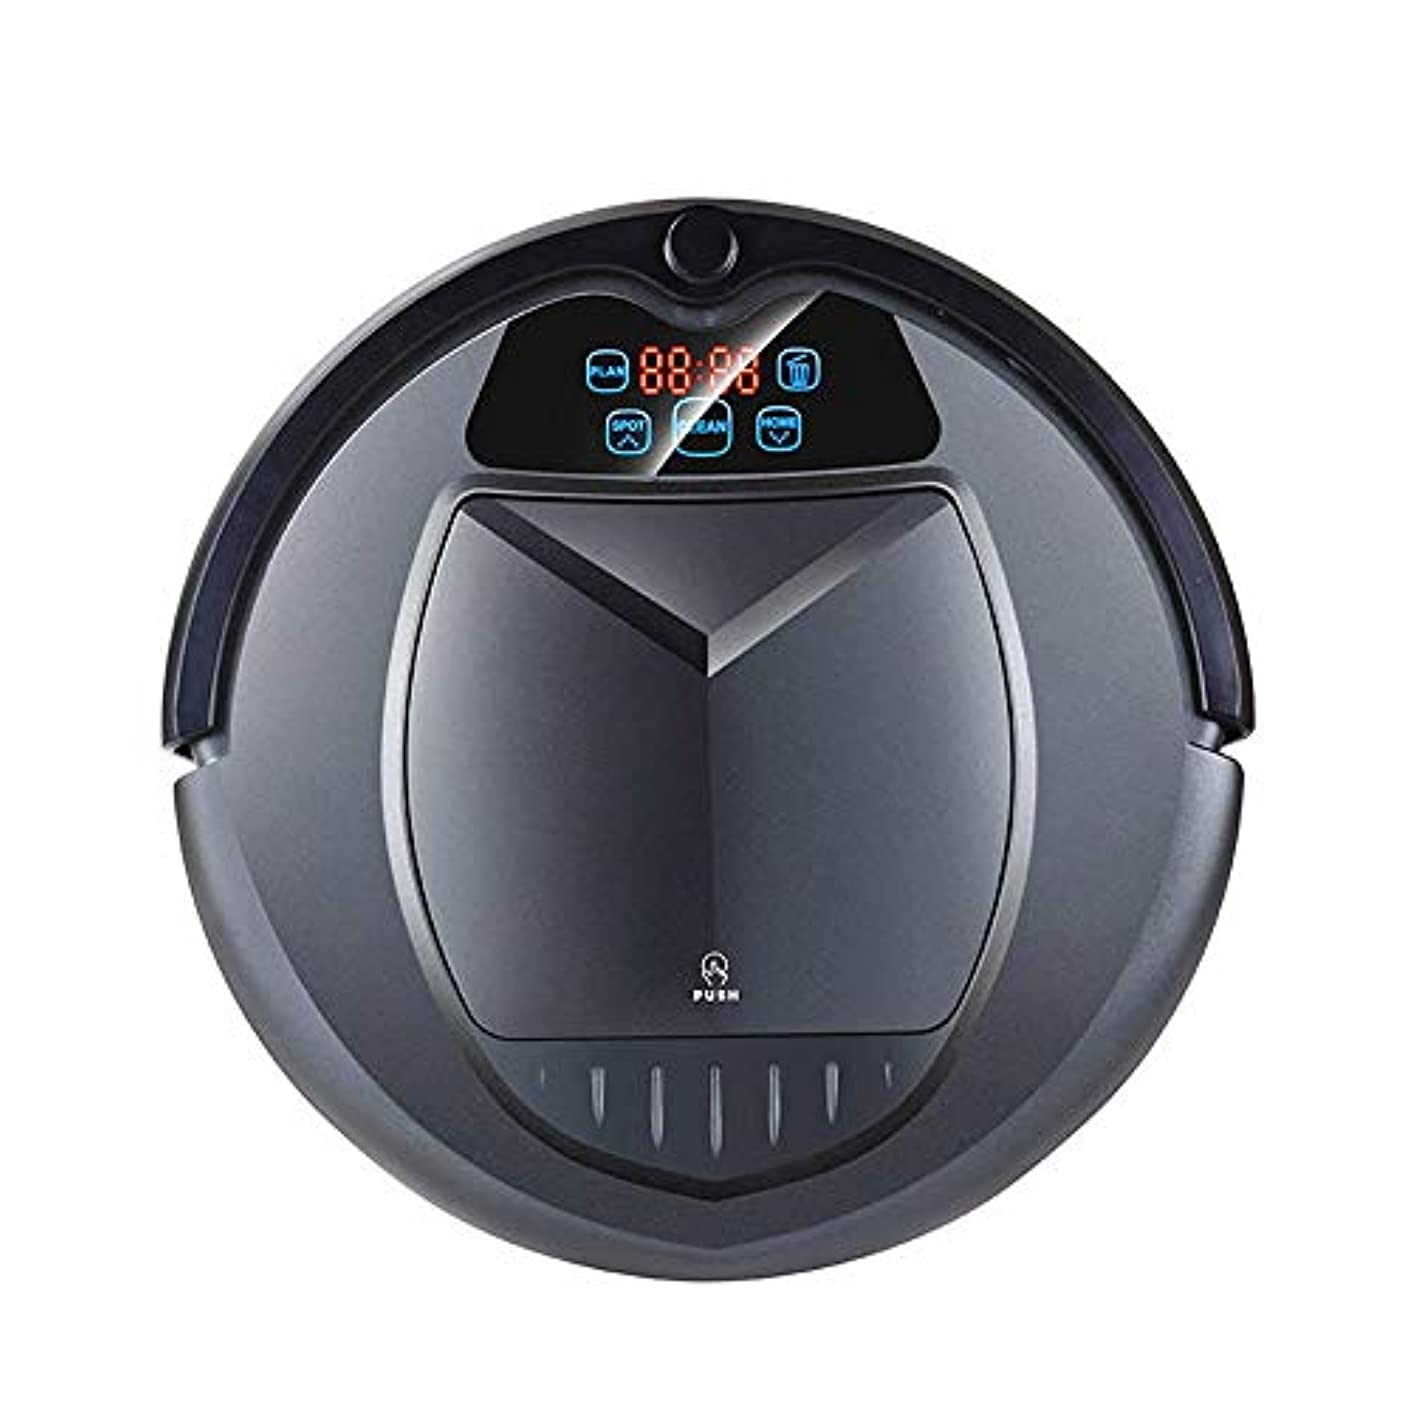 適度に独立したローストロボット掃除機 1つの掃除機水タンクのスケジュール仮想ブロッカー自己充電UV殺菌バッテリー容量2000mAhの中2 静音 長期間稼働 リモコン操作 パワフル (Color : Black, Size : One size)